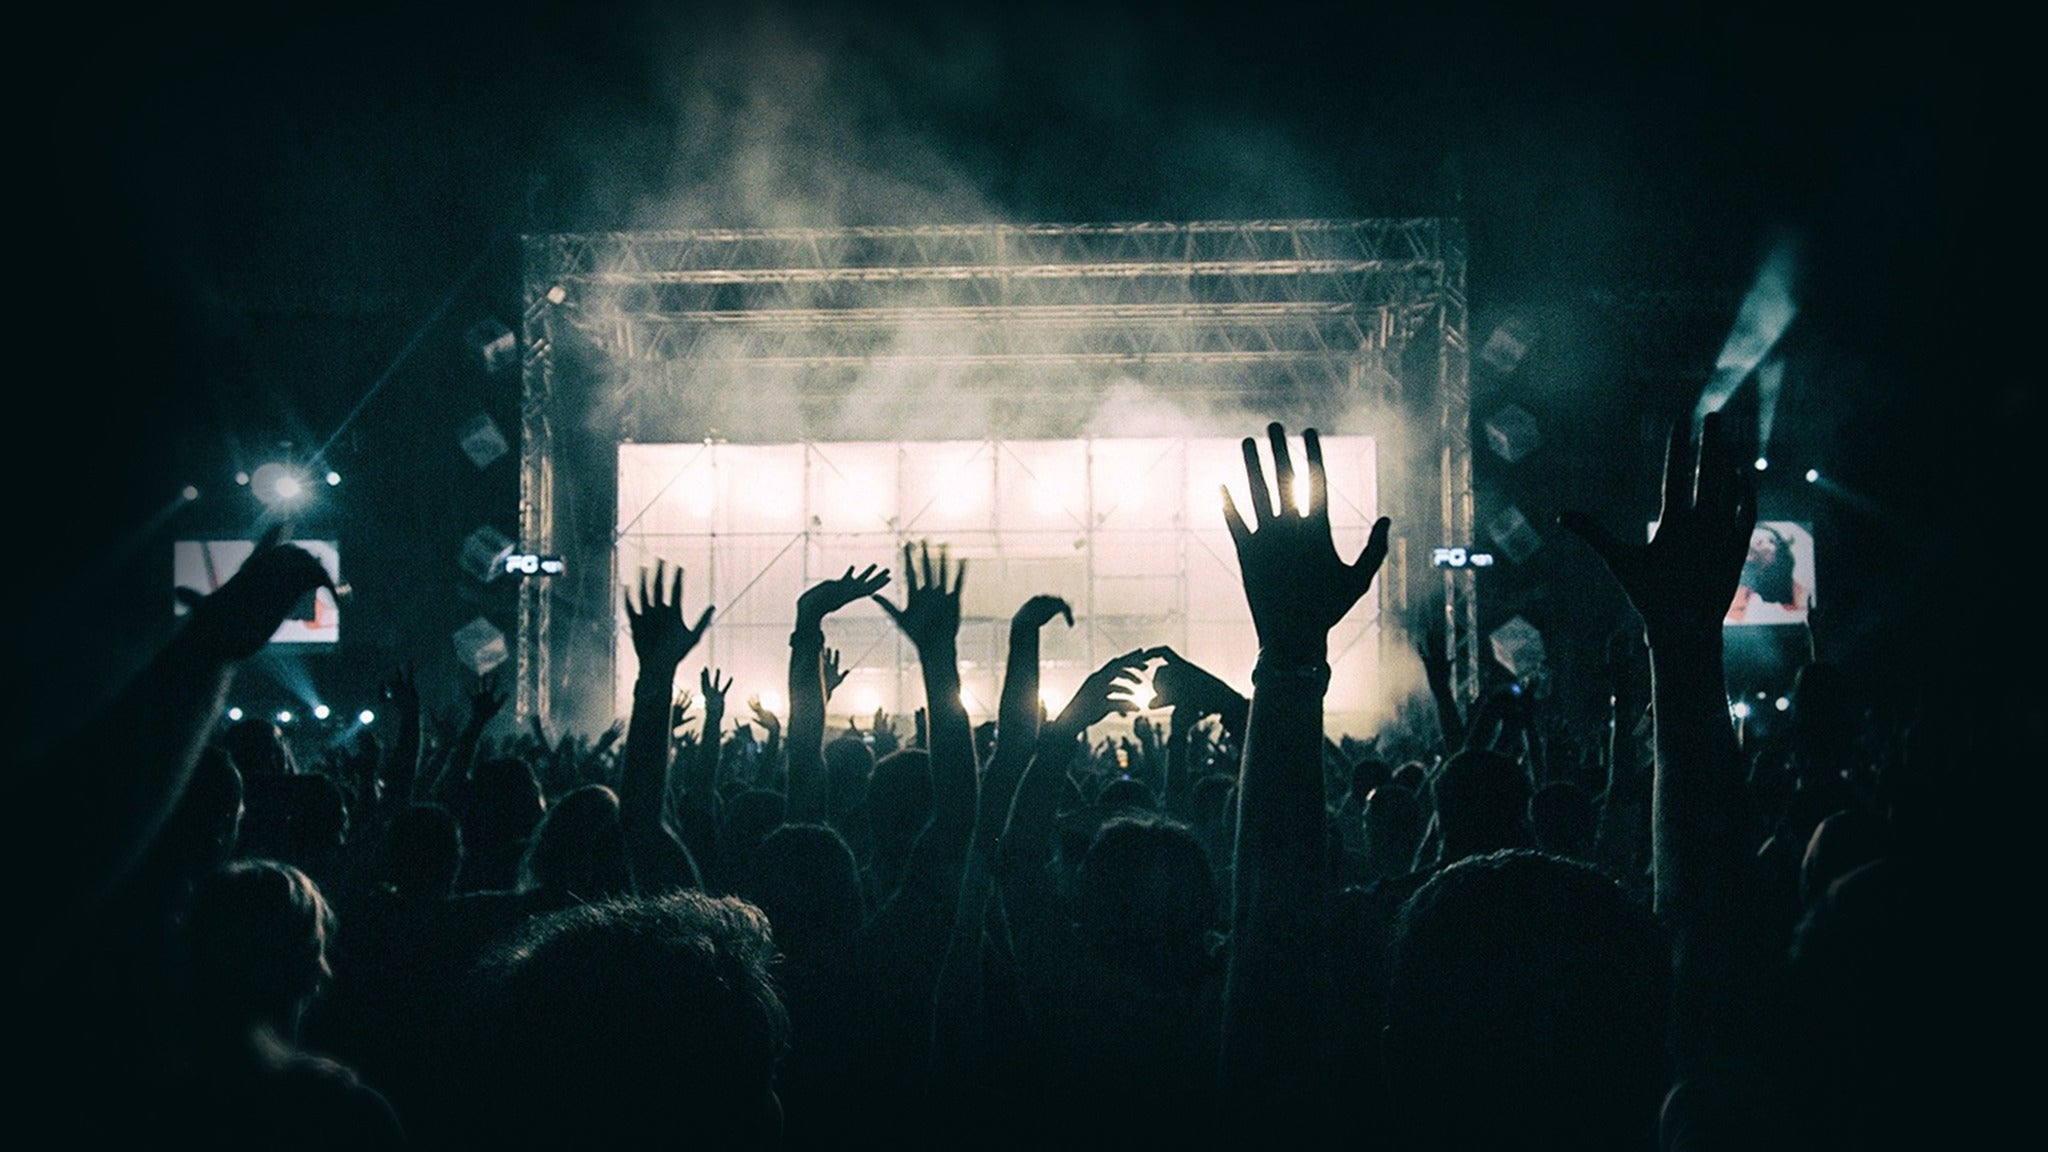 Events und Veranstaltungen - Tickets finden und buchen